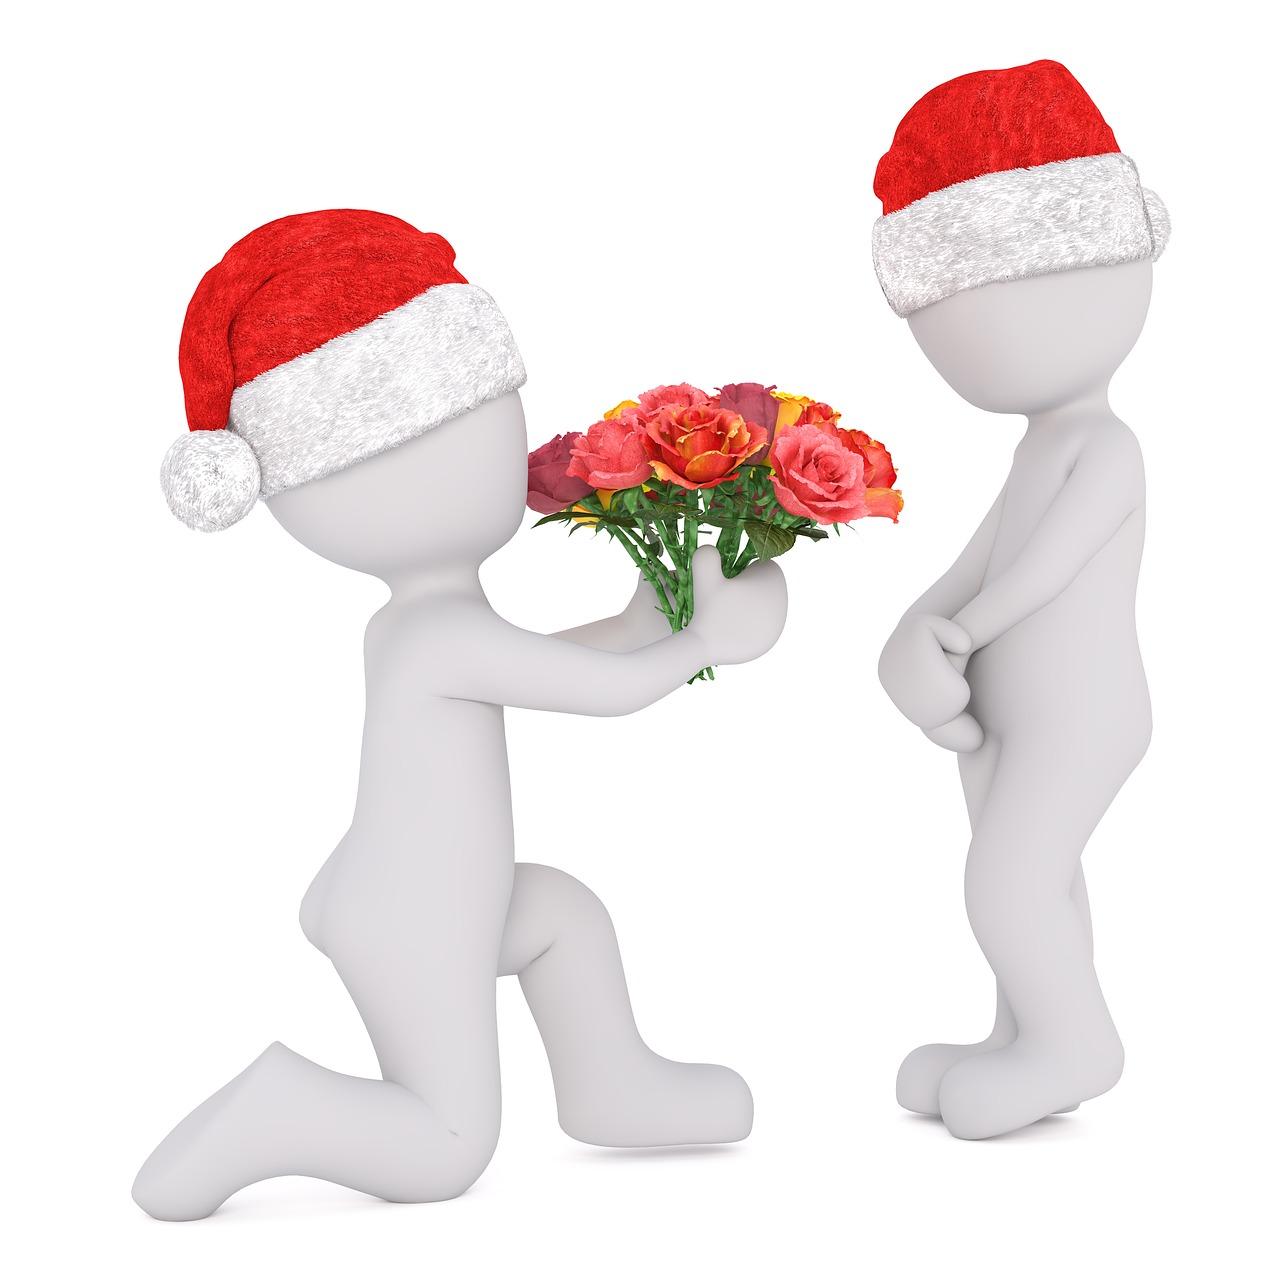 婚約 1512103920 - 若いあなたも、婦人科検診を受けてくださいね。